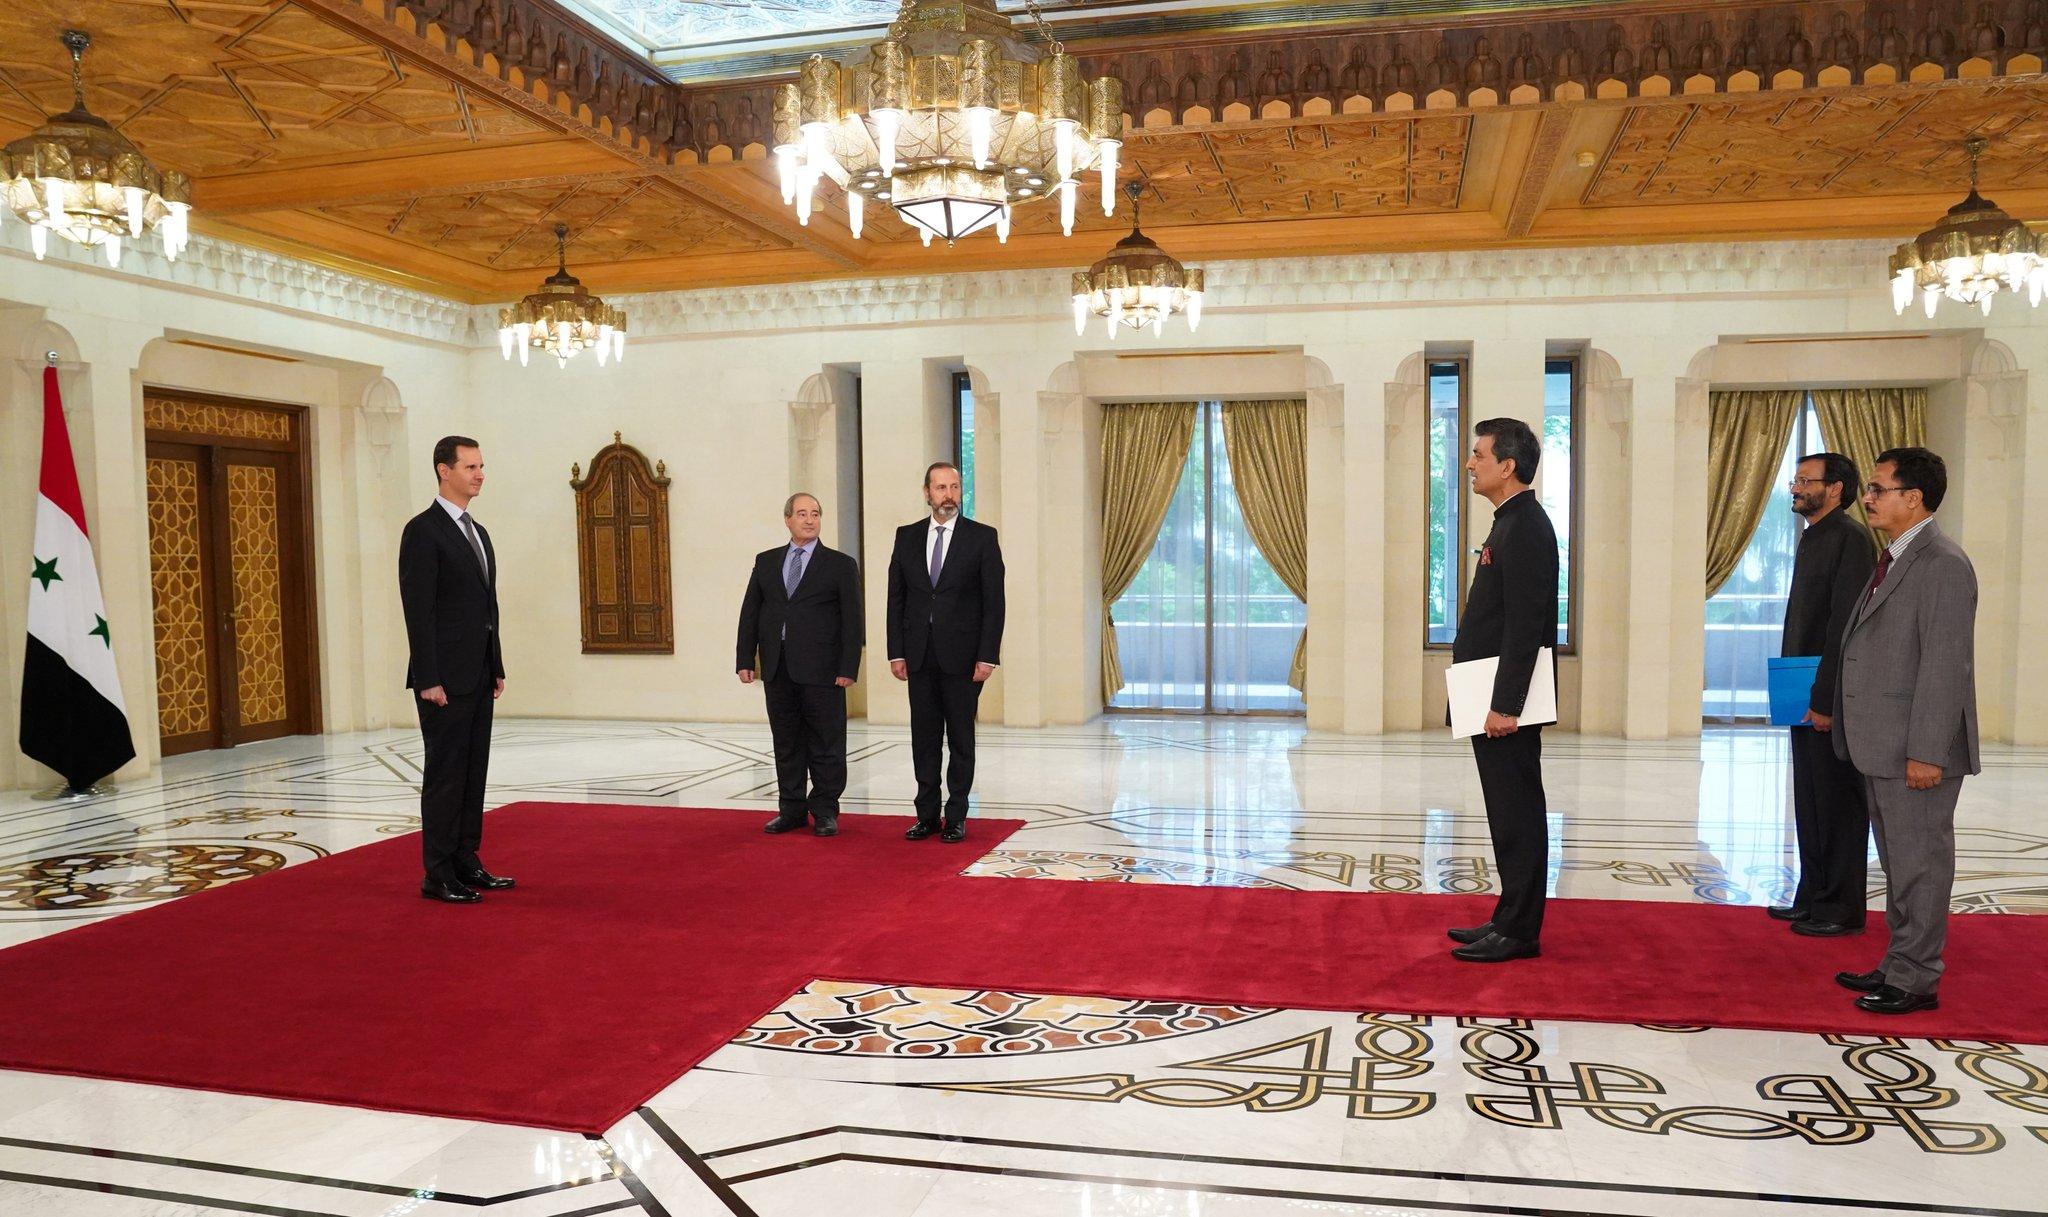 Indija i Srbija otvorili veleposlanstva u Damasku E9tqbcYWUAoJQfC?format=jpg&name=large